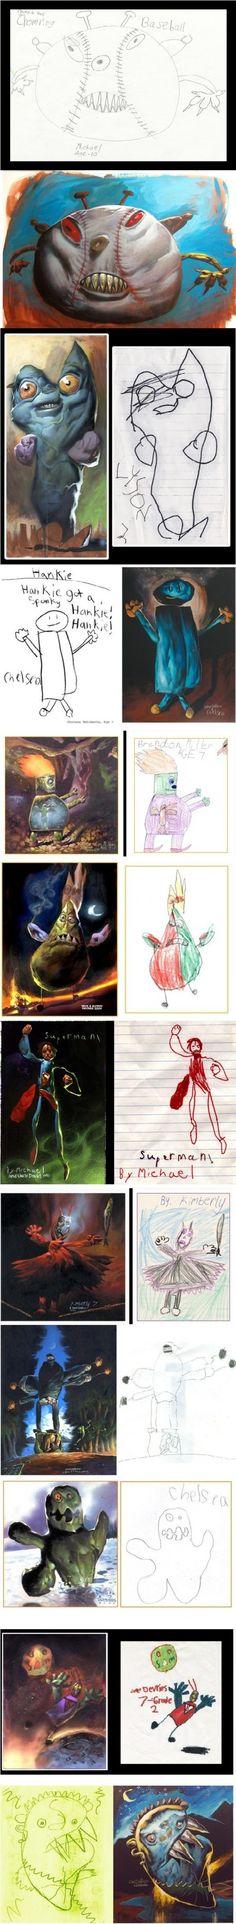 Children's art drawn realistically.